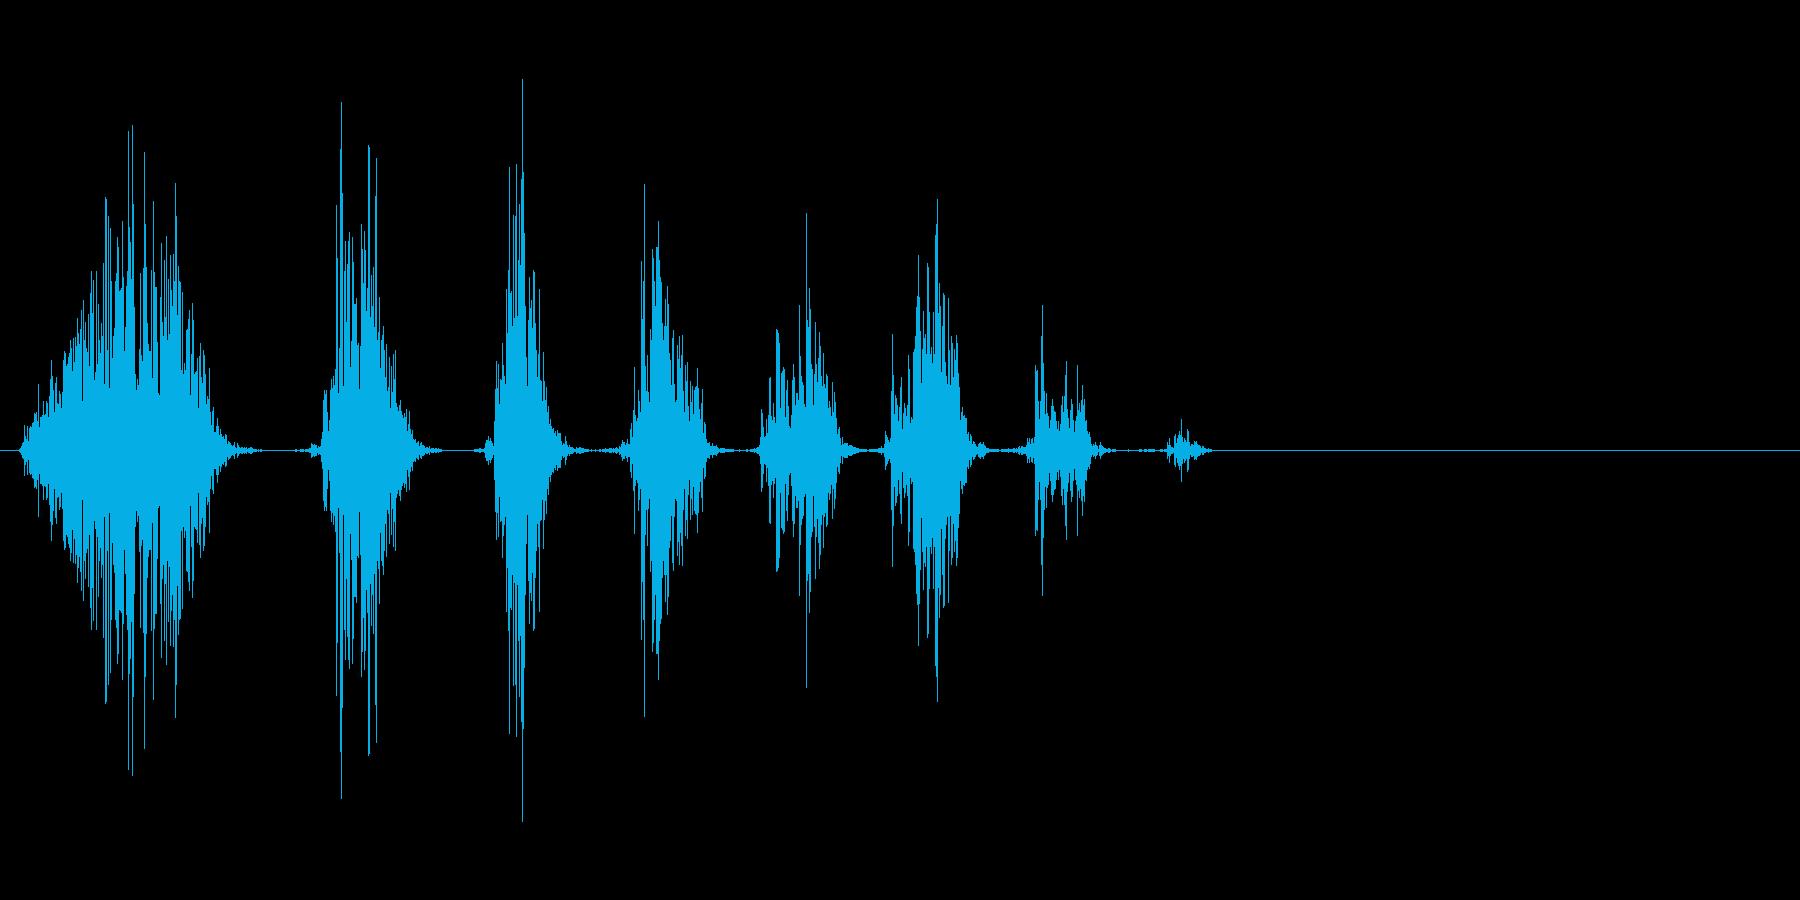 嘲笑うモンスター 2の再生済みの波形